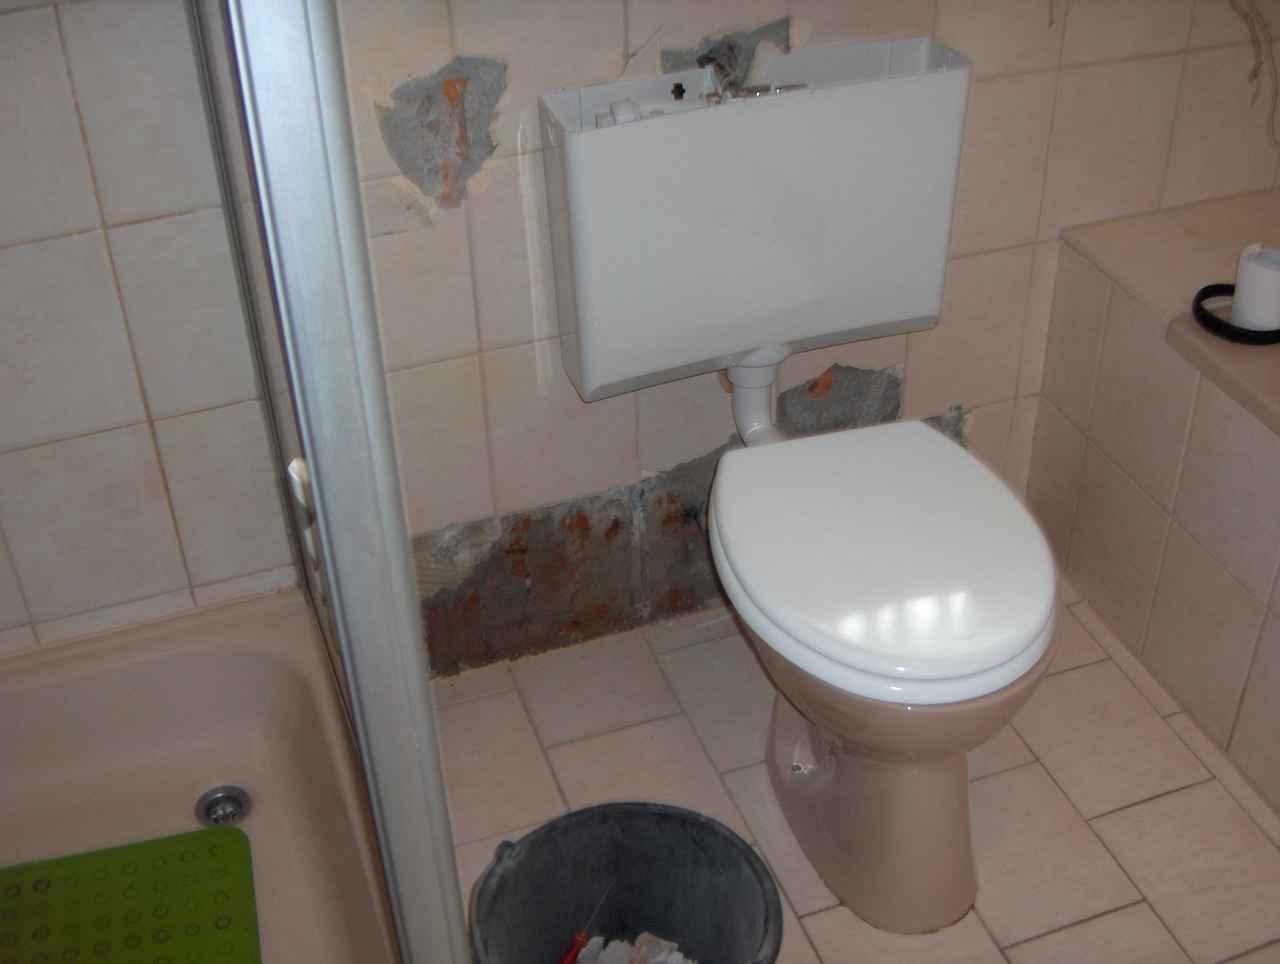 folgenreiche badsanierung in heidelberg wasserschaden an decke in bammental verstopfung mit wc. Black Bedroom Furniture Sets. Home Design Ideas